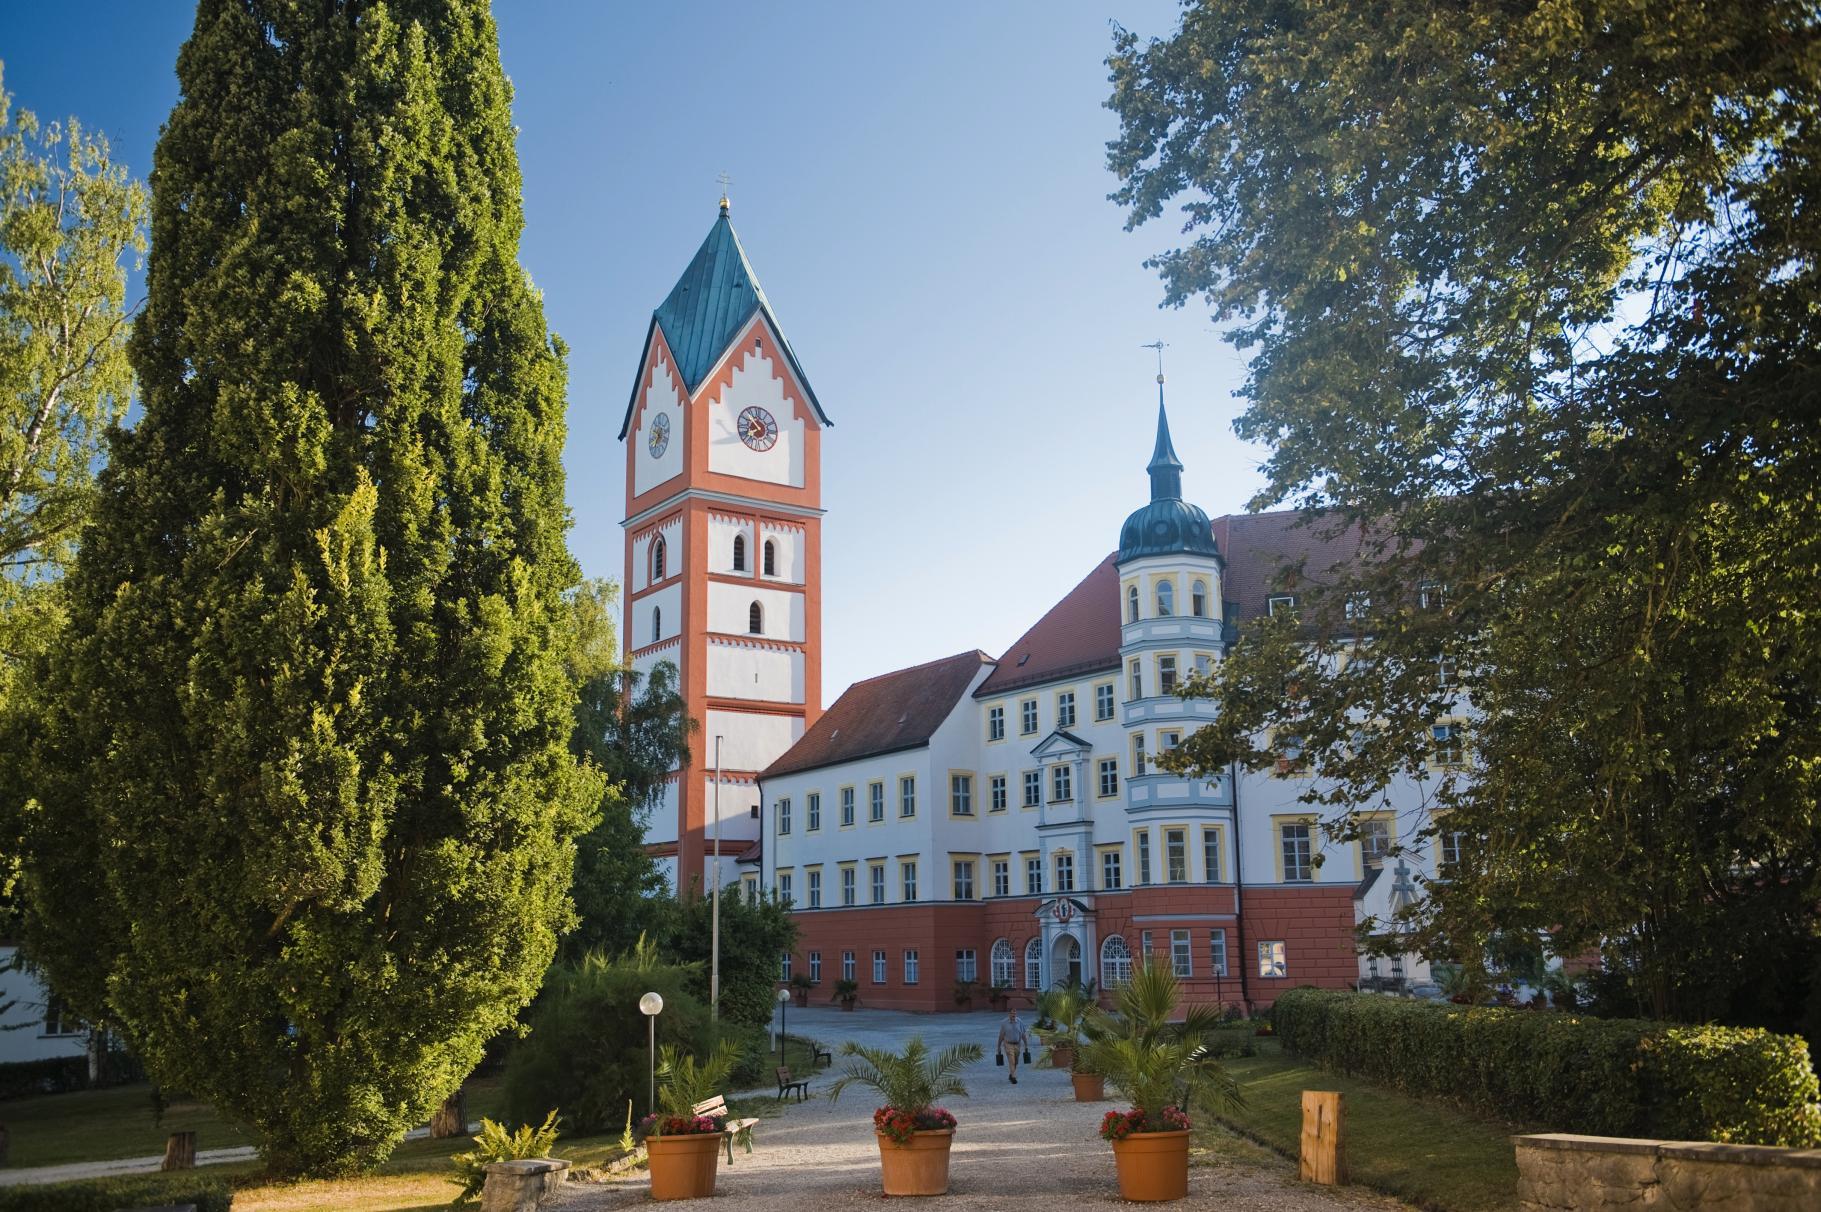 Das Kloster prägt über 900 Jahren kulturell nicht nur den Ort, sondern das gesamte geografische Umfeld. Foto: Gemeinde Scheyern